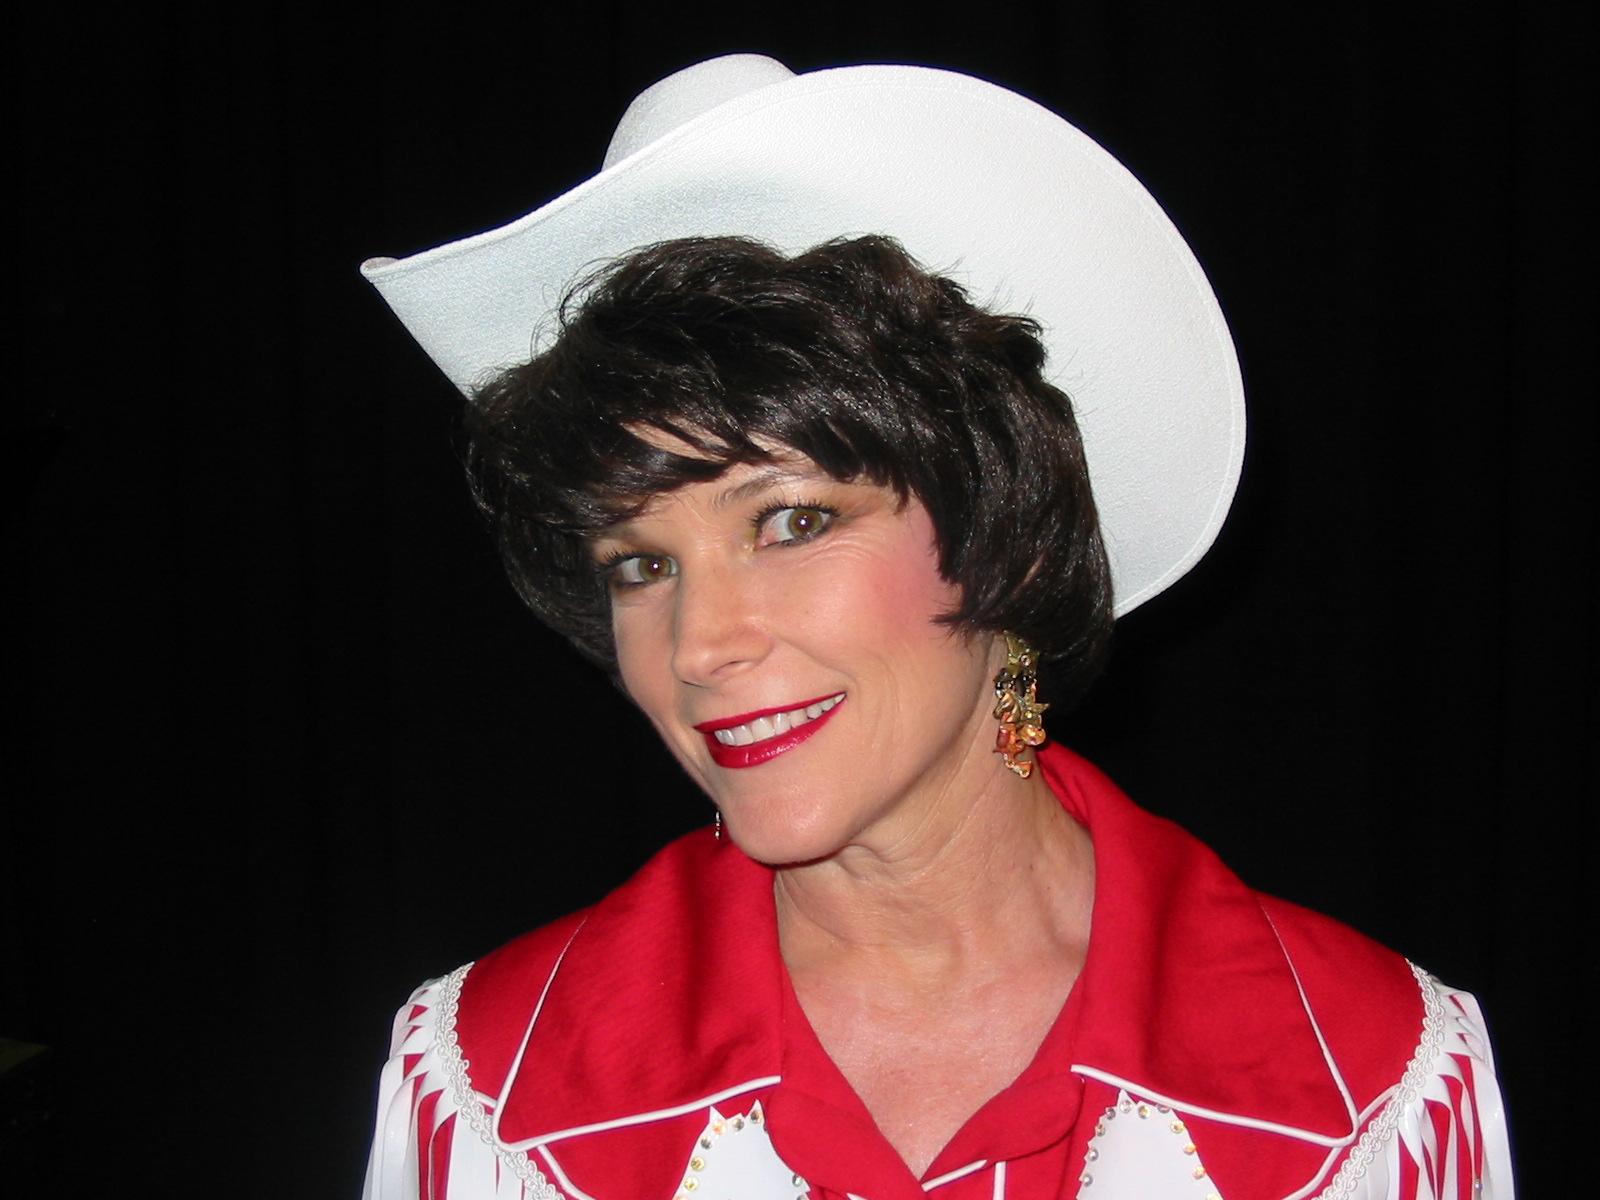 Patsy Cline impersonation | Debi Sander Walker